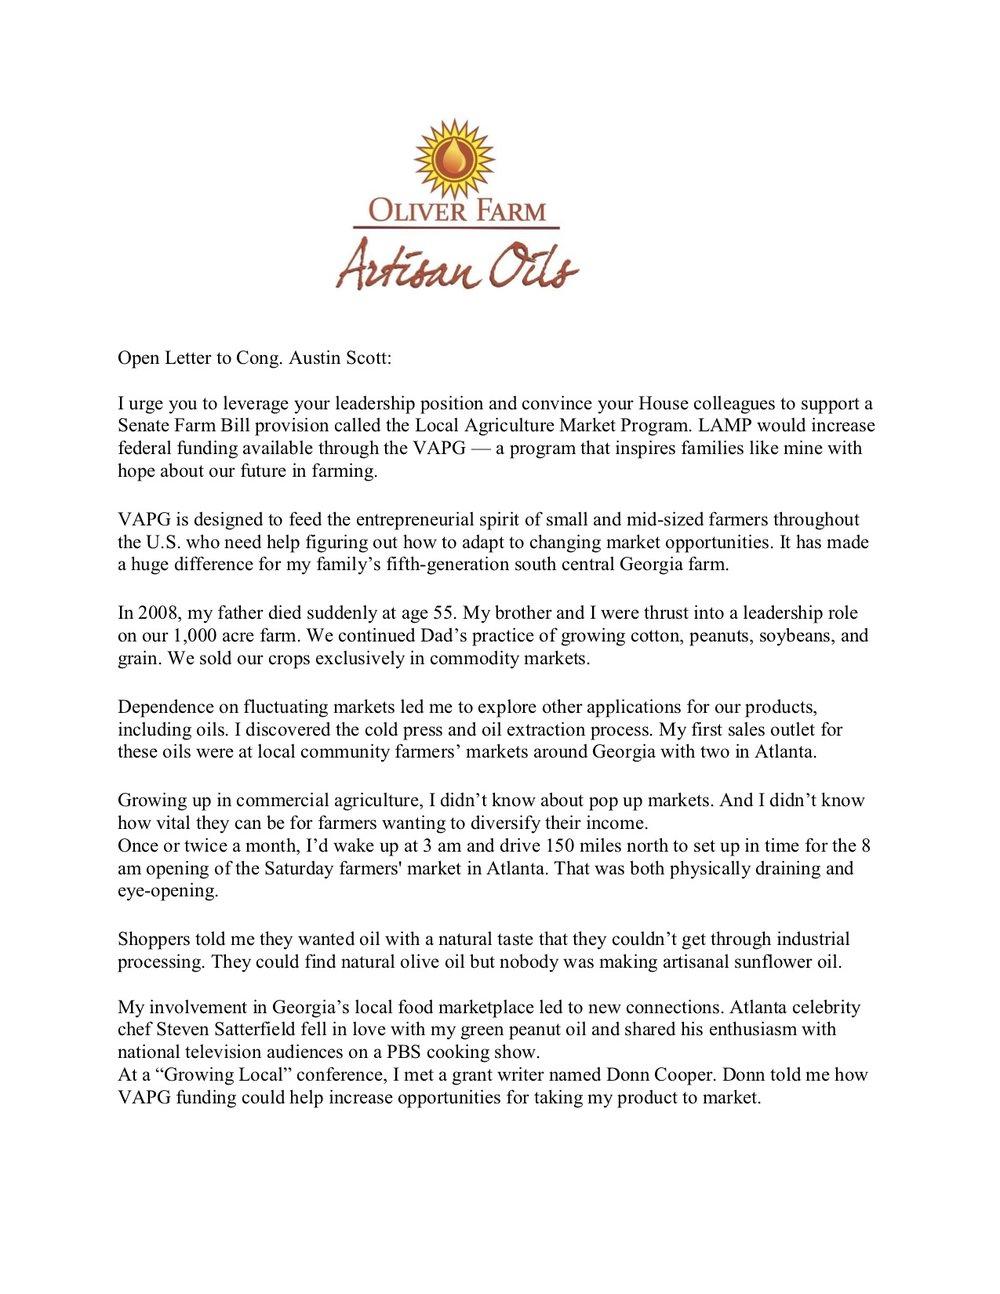 letter to Cong. Austin Scott 8-28-18.jpg